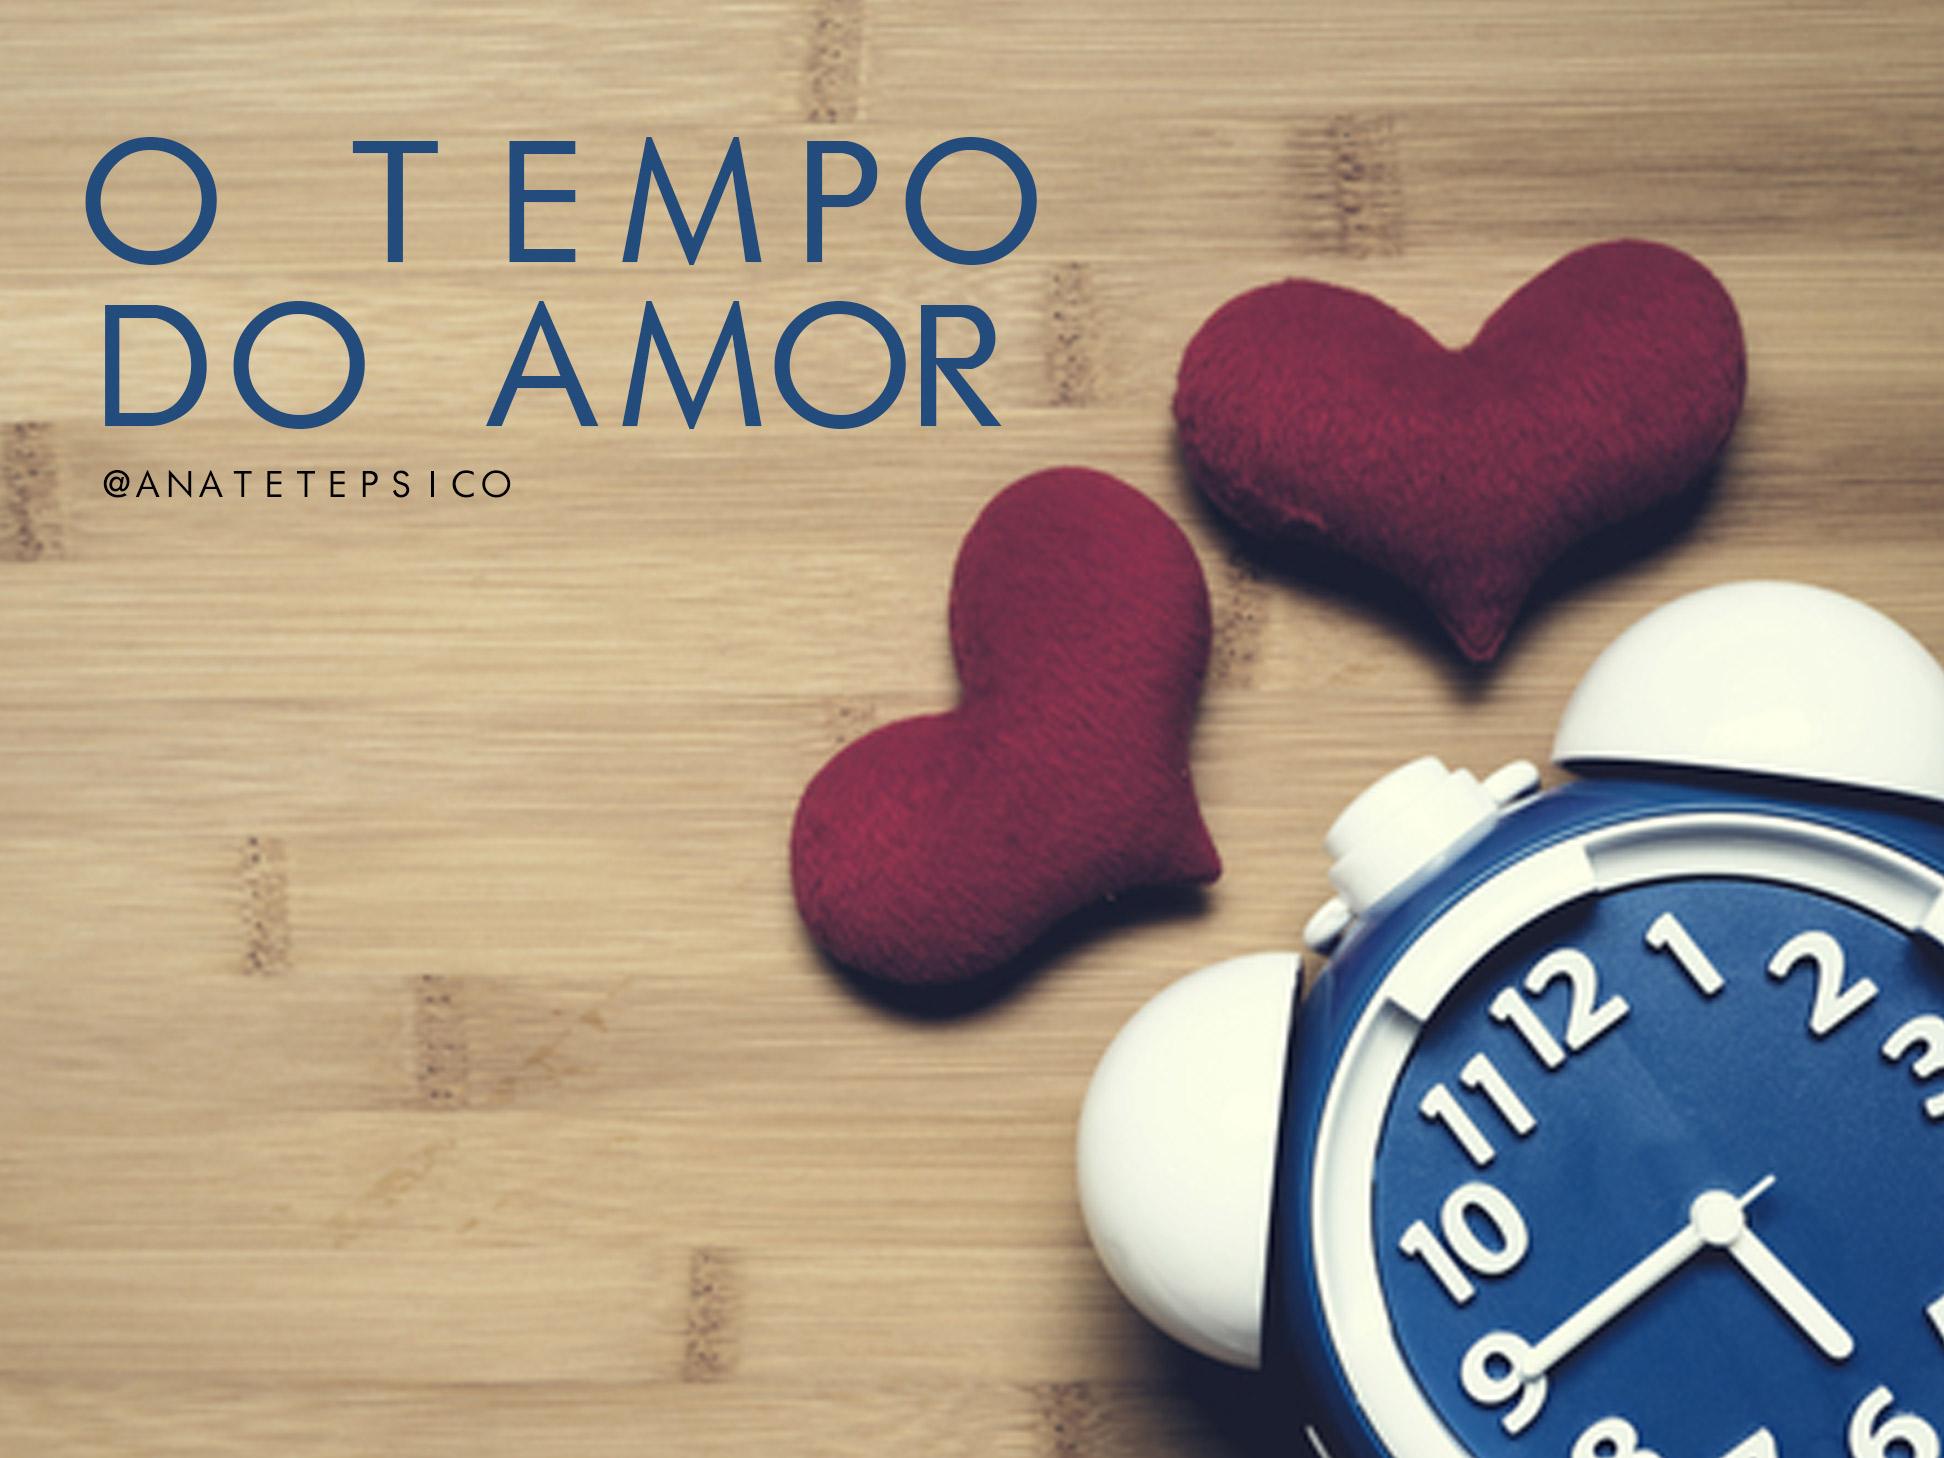 TempoAmor